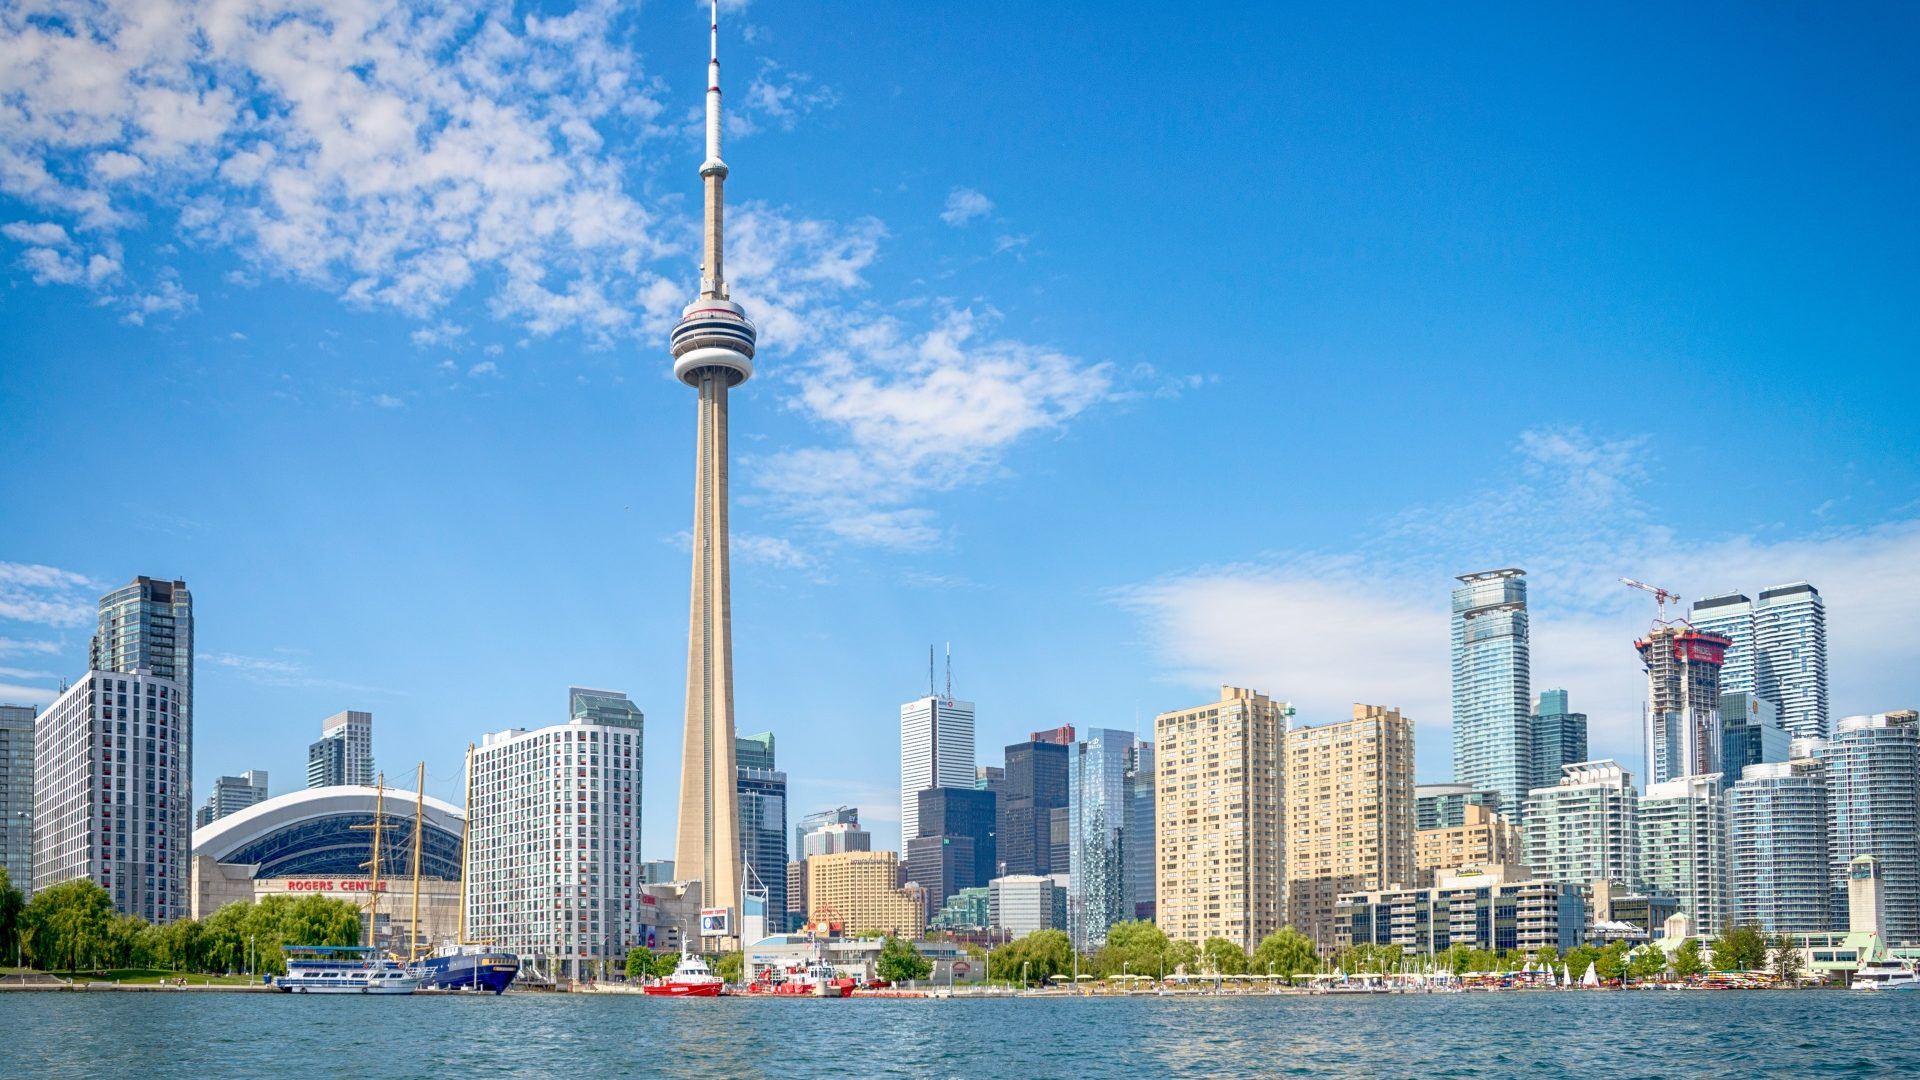 New York (JFK) – Toronto (YTO)